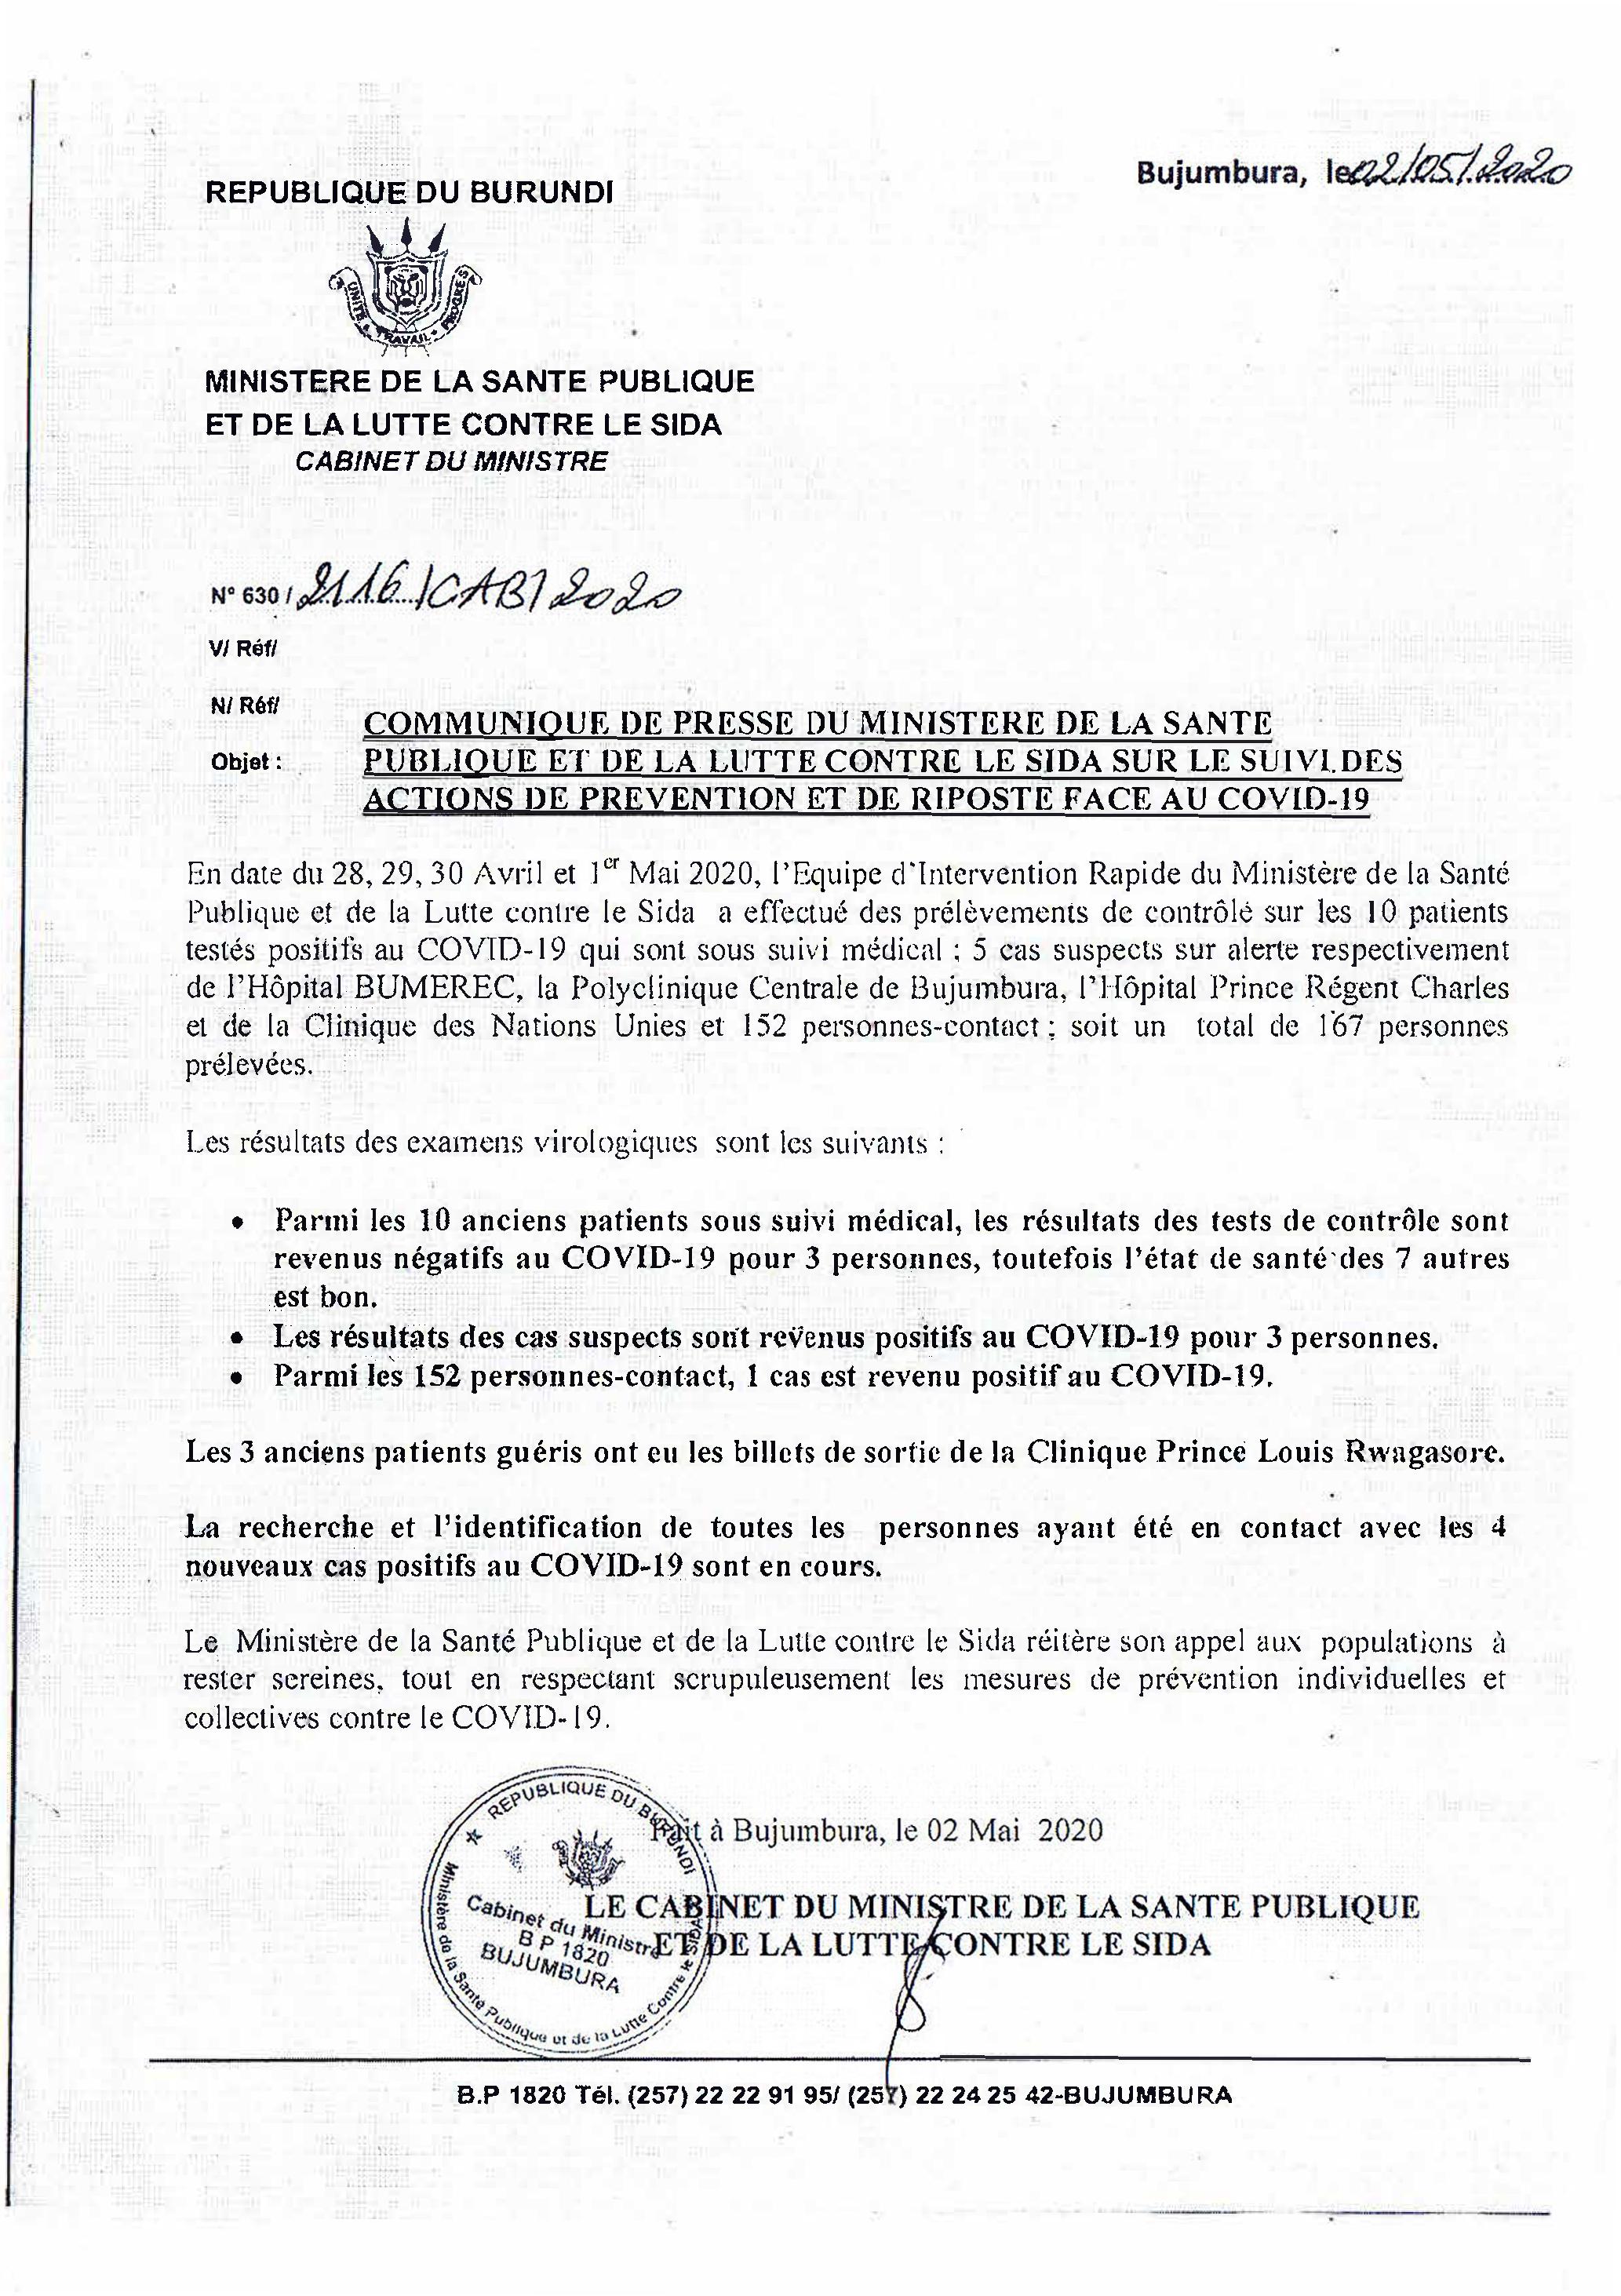 Communiqué de Presse du Ministère de la Santé Publique et de la Lutte Contre le SIDA sur le Suivi des actions de Prévention et de Riposte Face au COVID-19